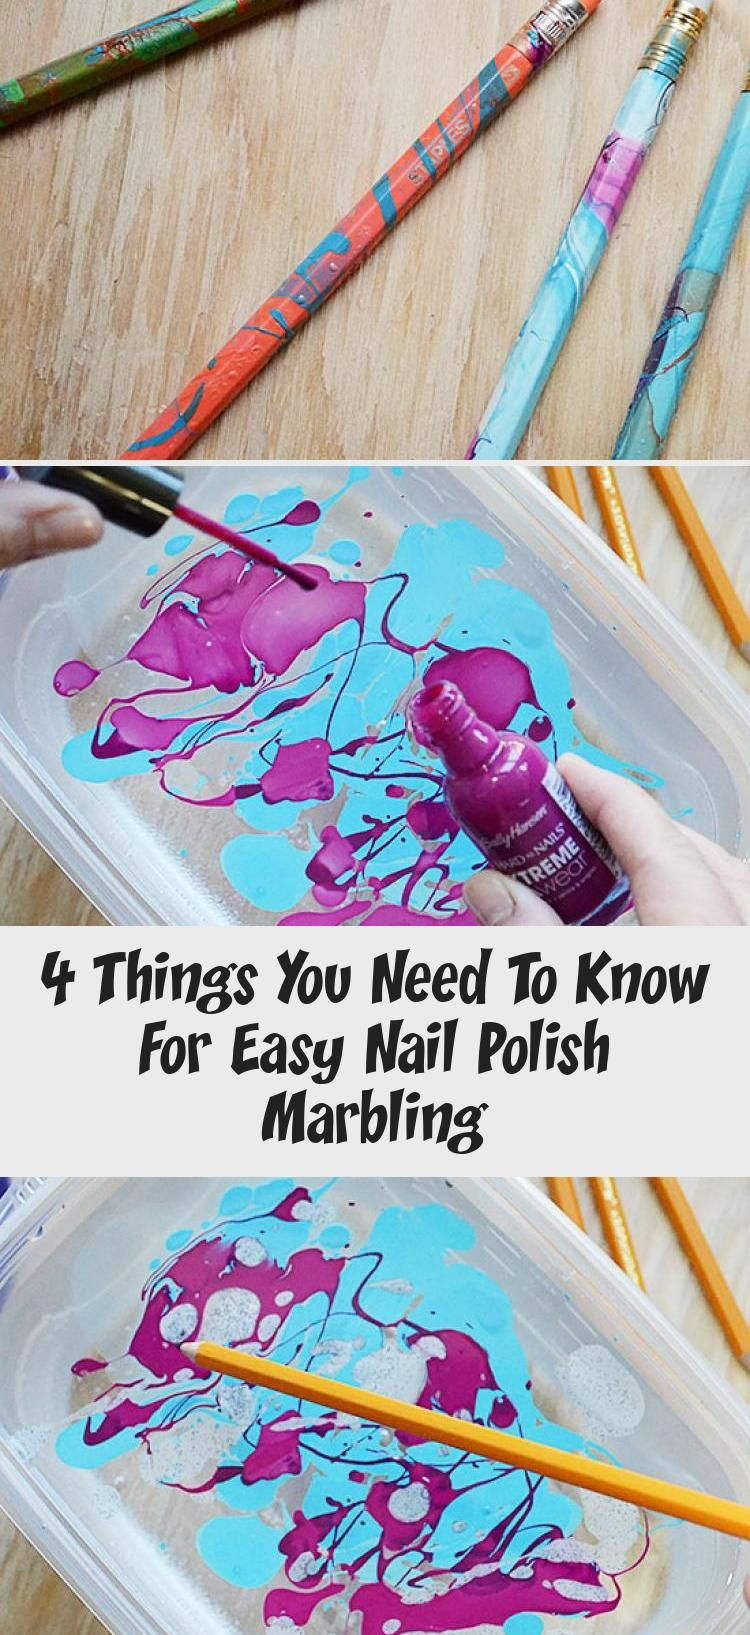 En Blog En Blog in 2020 Nail polish marbling, Simple